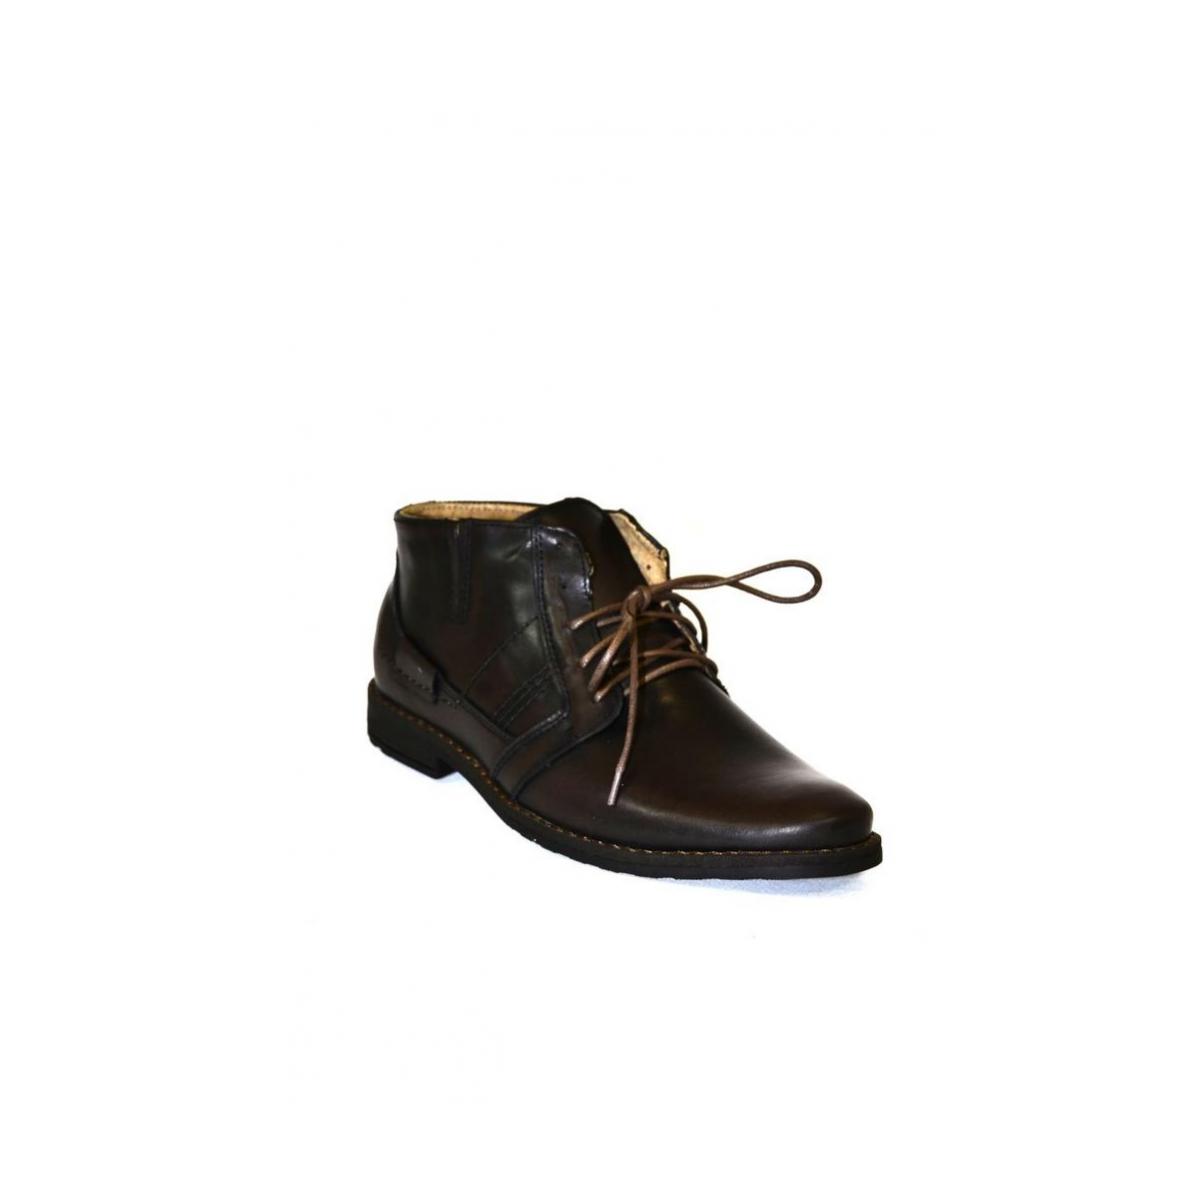 Pánske kožené hnedé zimné topánky SID - 4 ae67b67689e